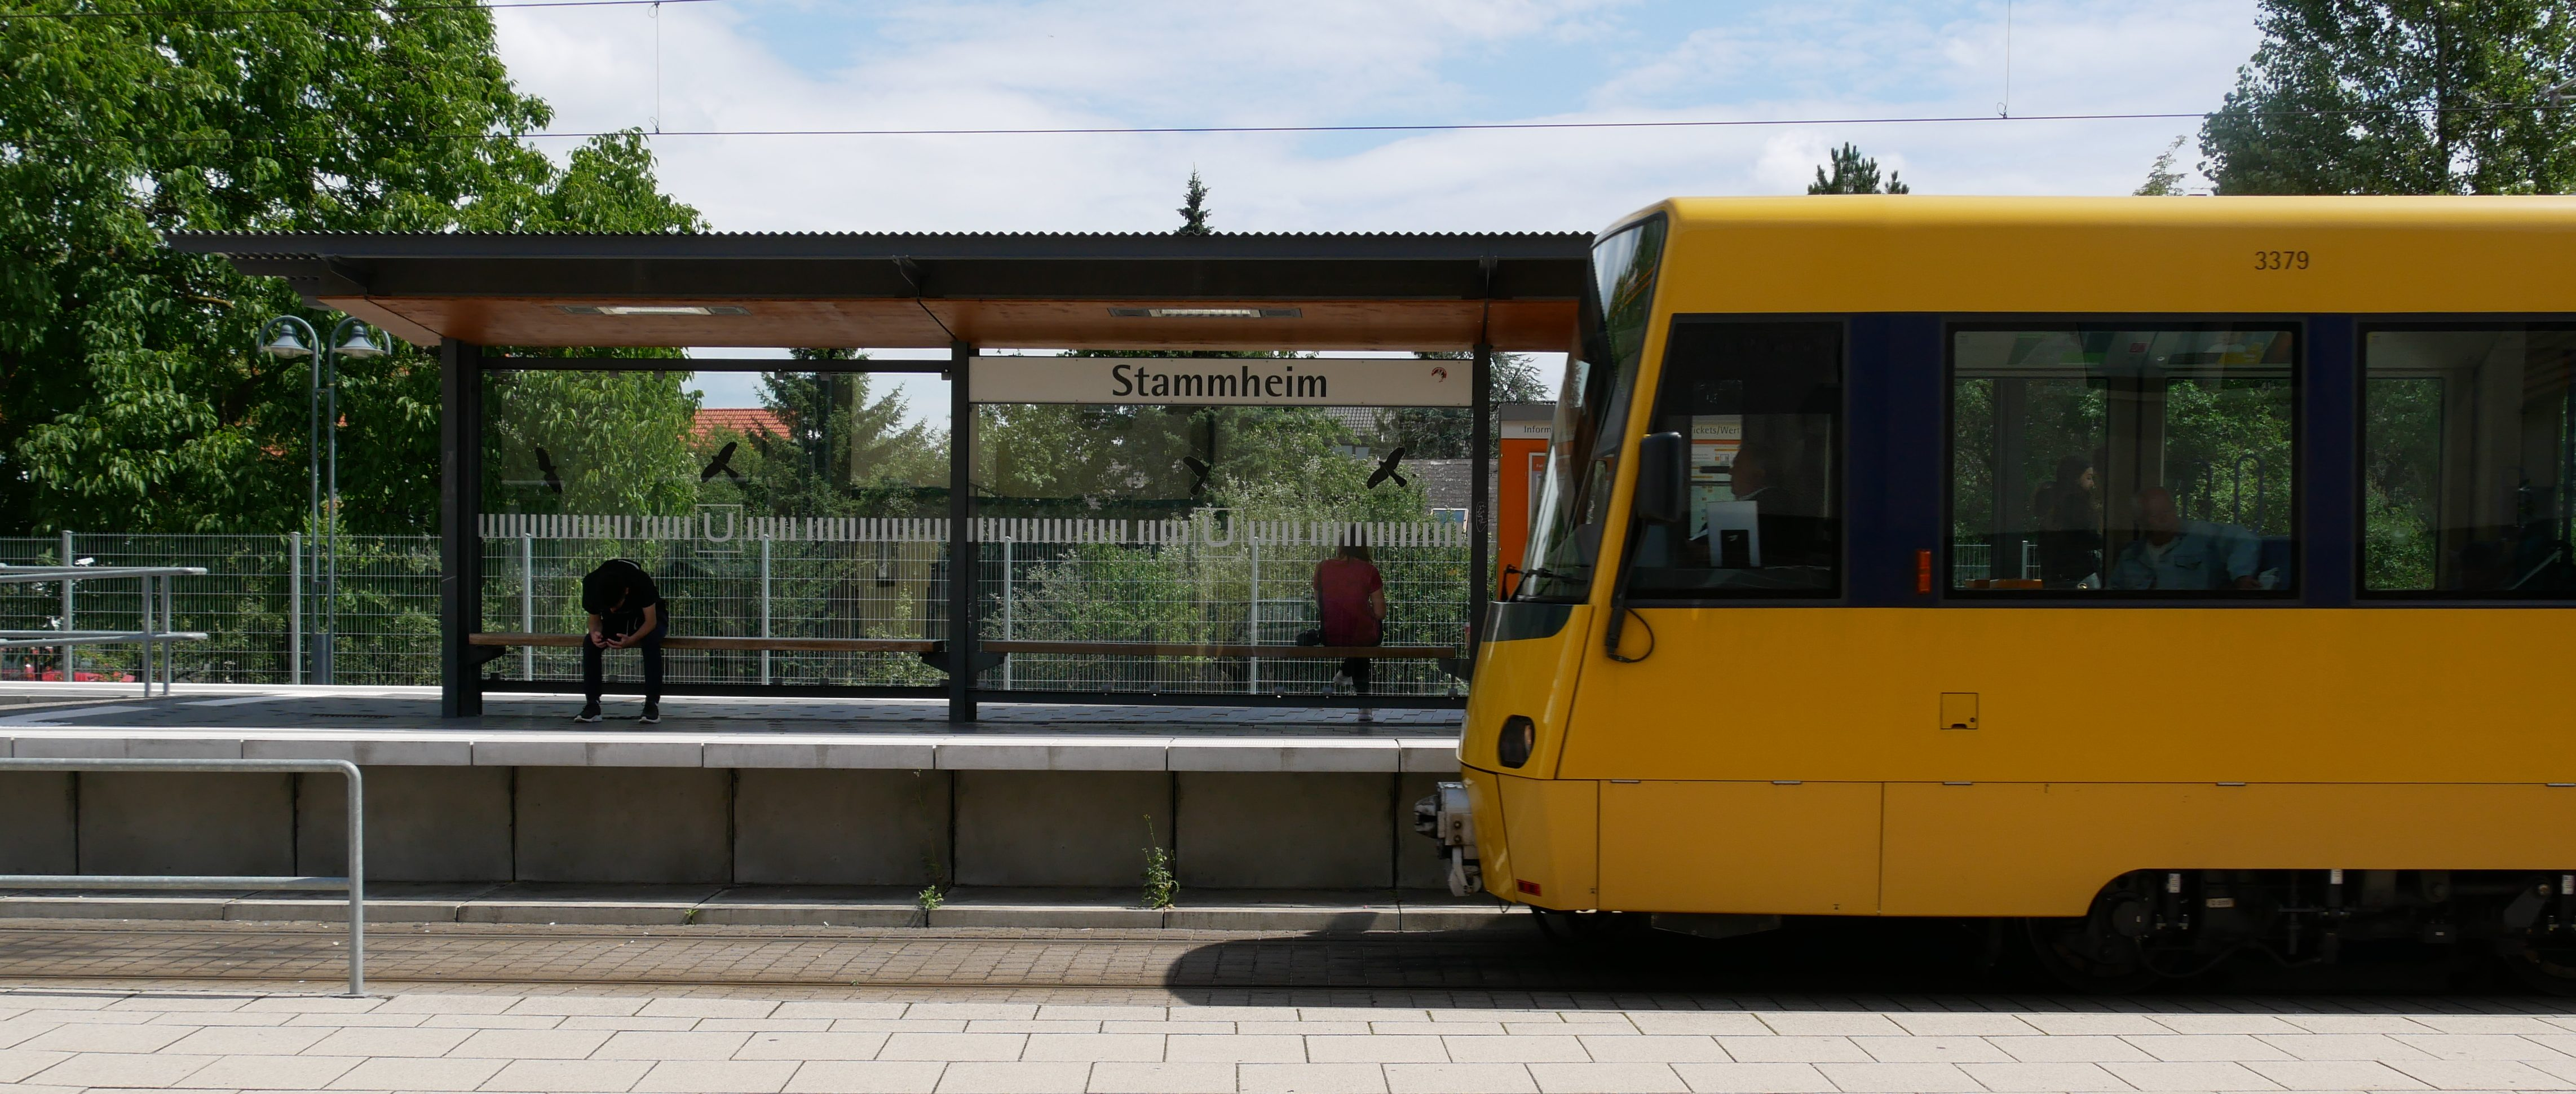 Endhaltestelle der Stadtbahnlinie U15 im Stuttgarter Stadtbezirk Stammheim. Früher war dies die Linie 5, die durch den Schwabenrocker Wolle Kriwanek berühmt geworden ist. Foto: Uwe Roth